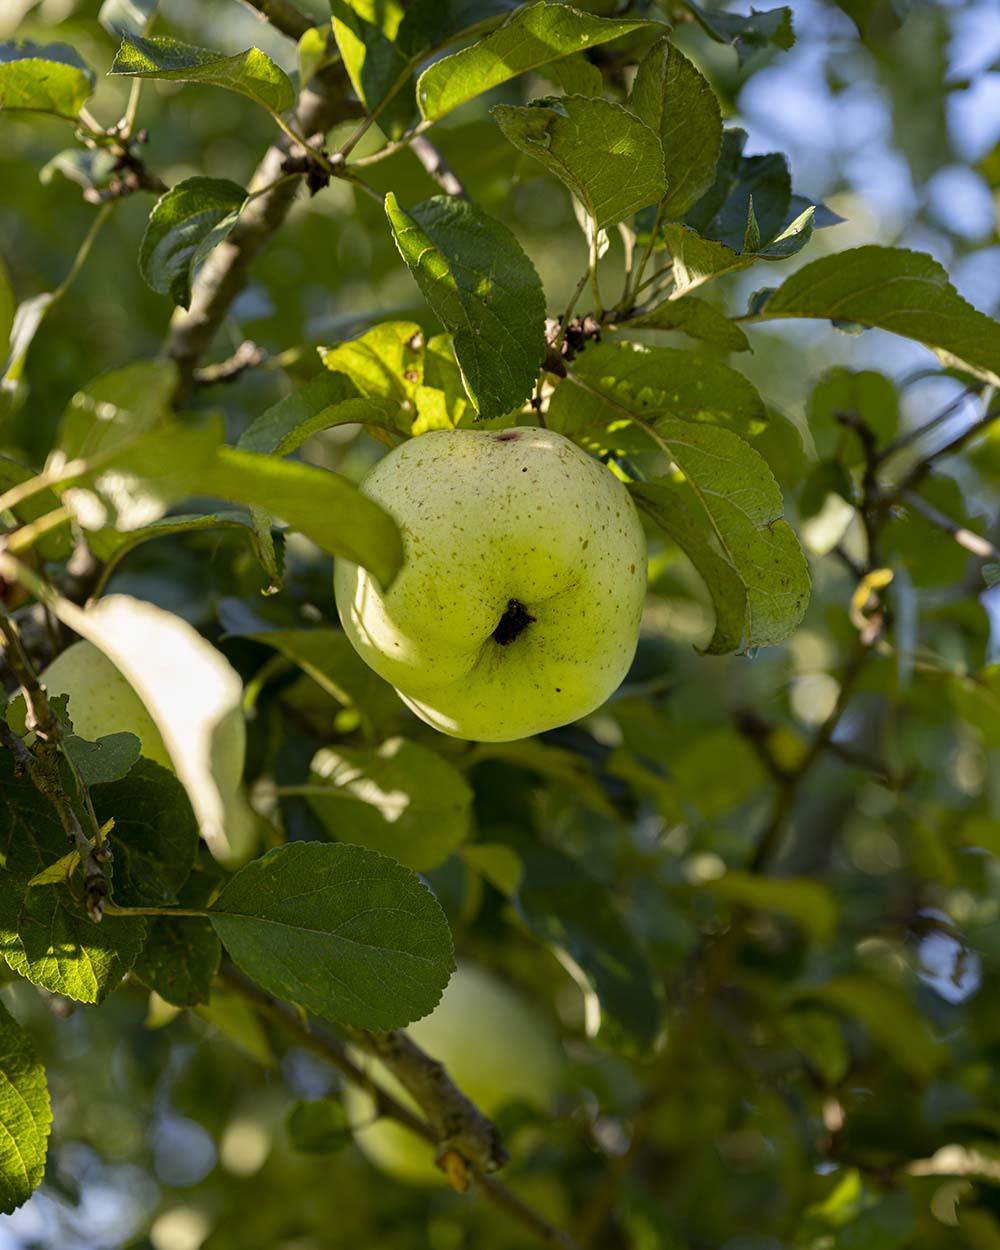 Wir haben den Hof Gu Rothenhausen besucht und Henning bei der Ernte der Äpfel begleitet. Das Foto zeigt einen Apfel am Baum.